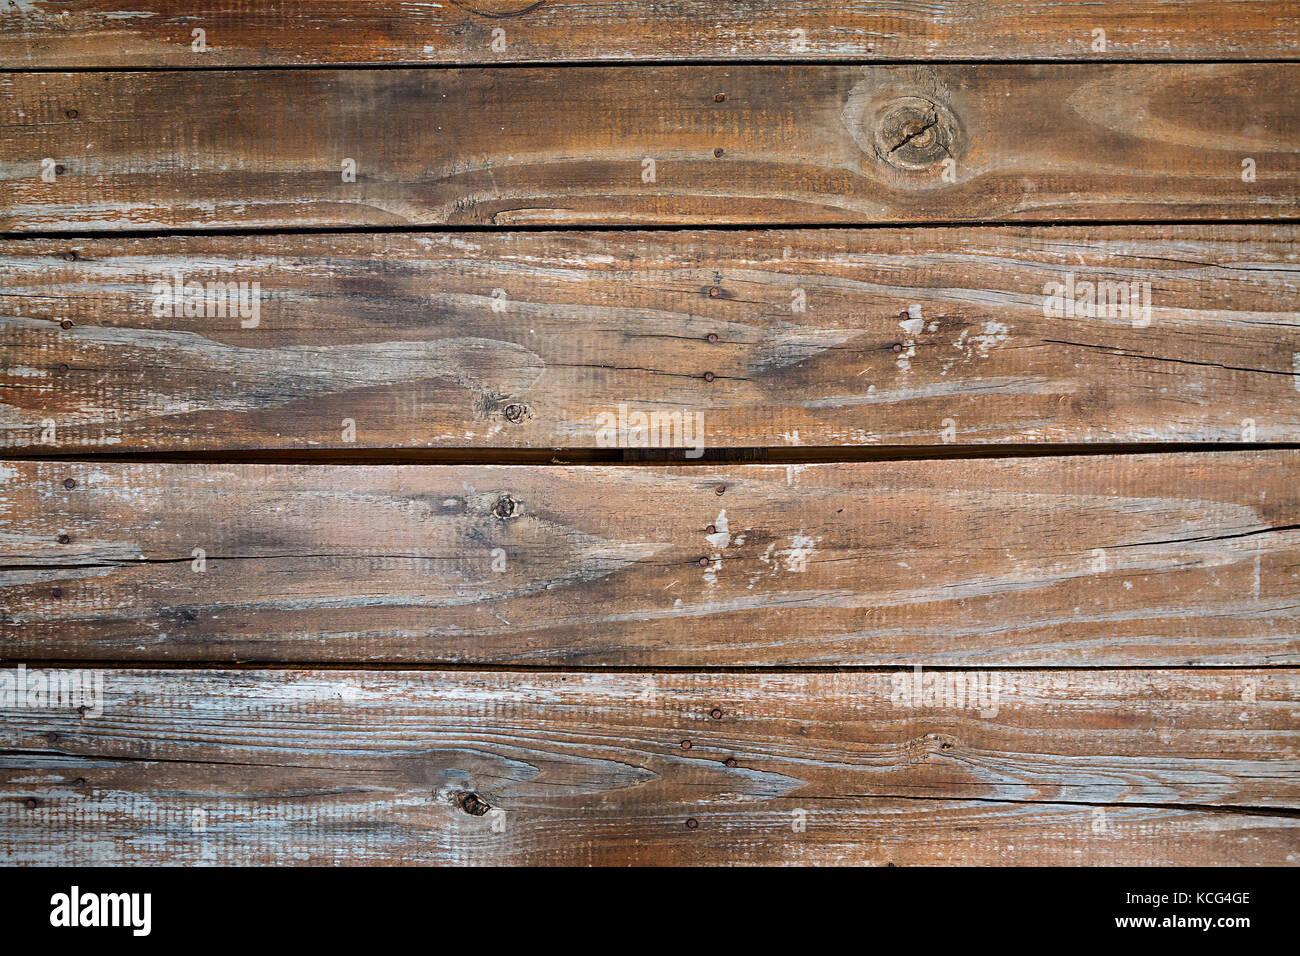 Piani Per Tavoli In Legno Vecchio.Vecchio Sfondo Di Legno Da Pannelli In Legno Per Tavolo O Piano Foto